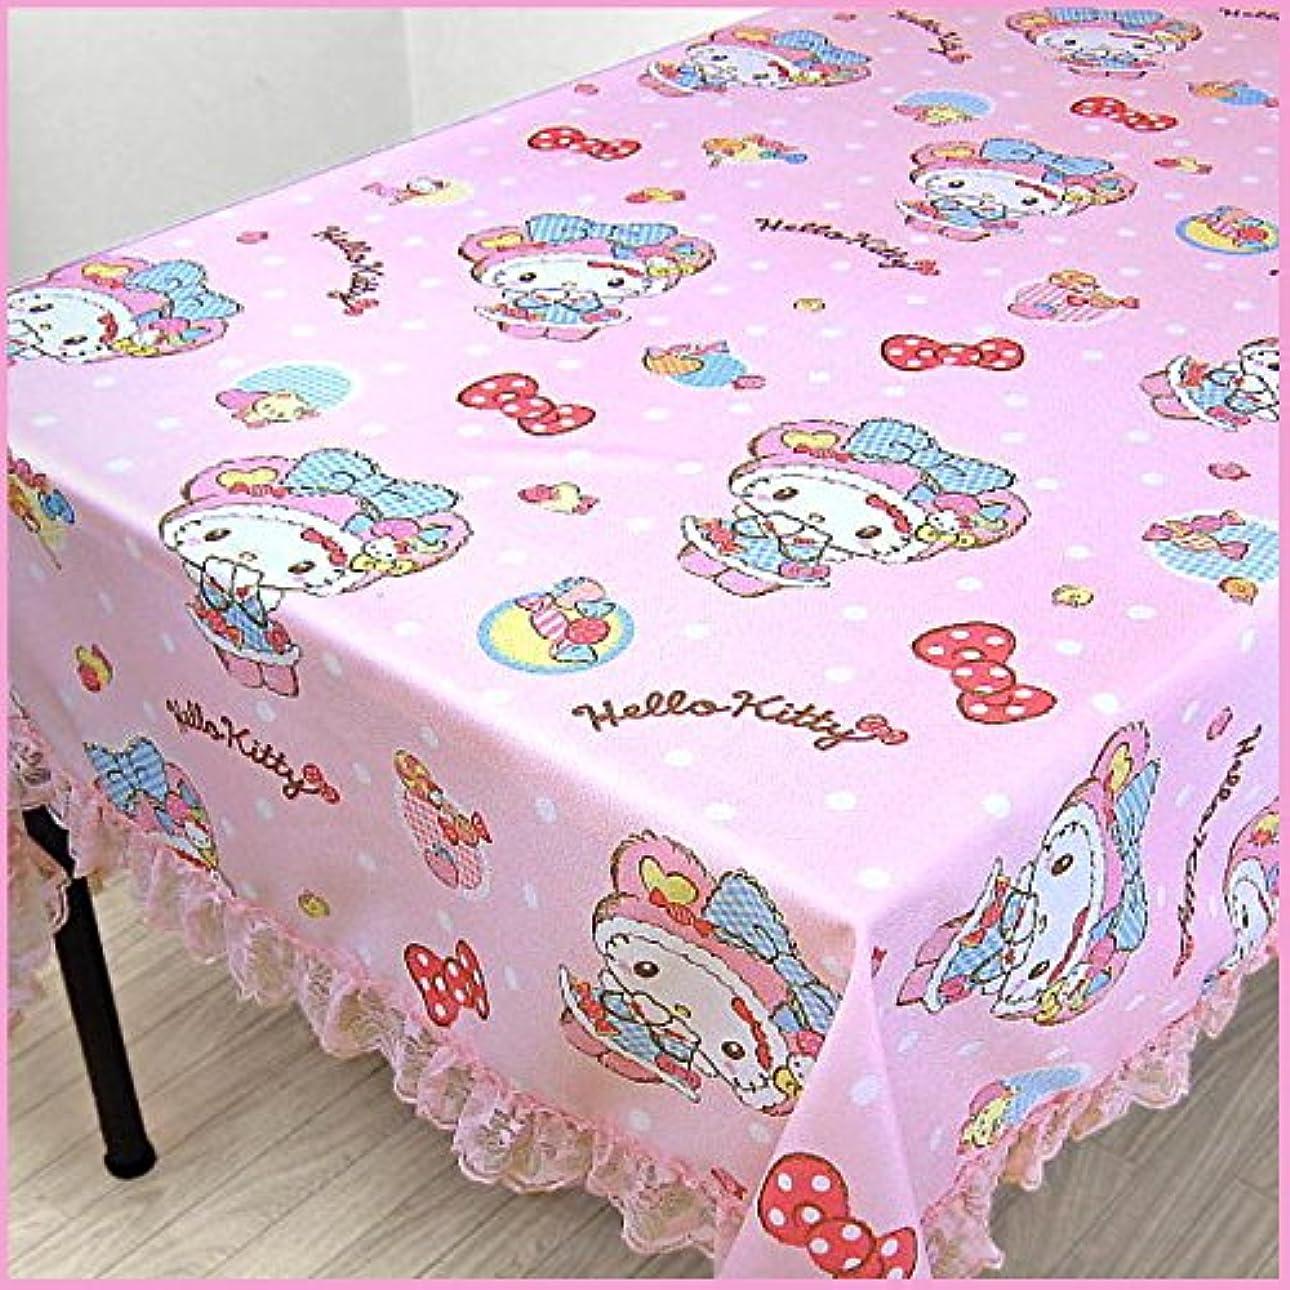 確執生き物全く[Sanrio商品] サンリオ ハローキティ くまくまキャンディ (梨地) 撥水 テーブルクロス 145×180cm